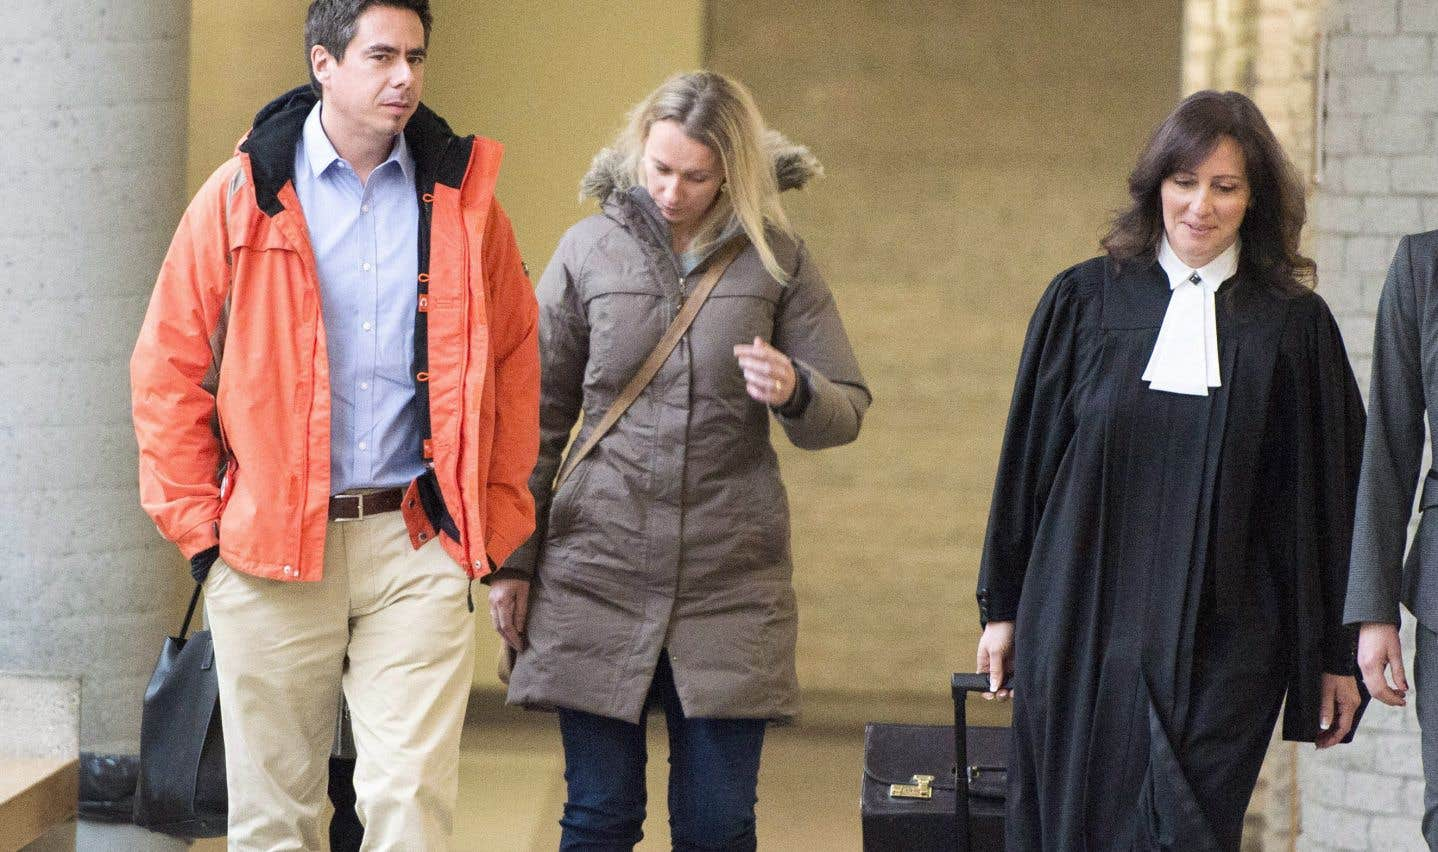 Les parents de Vanessa, Magdalena et Bernard Biron, quittent la salle d'audience, accompagnés de la procureur de la Couronne, Me Claudie Gilbert.